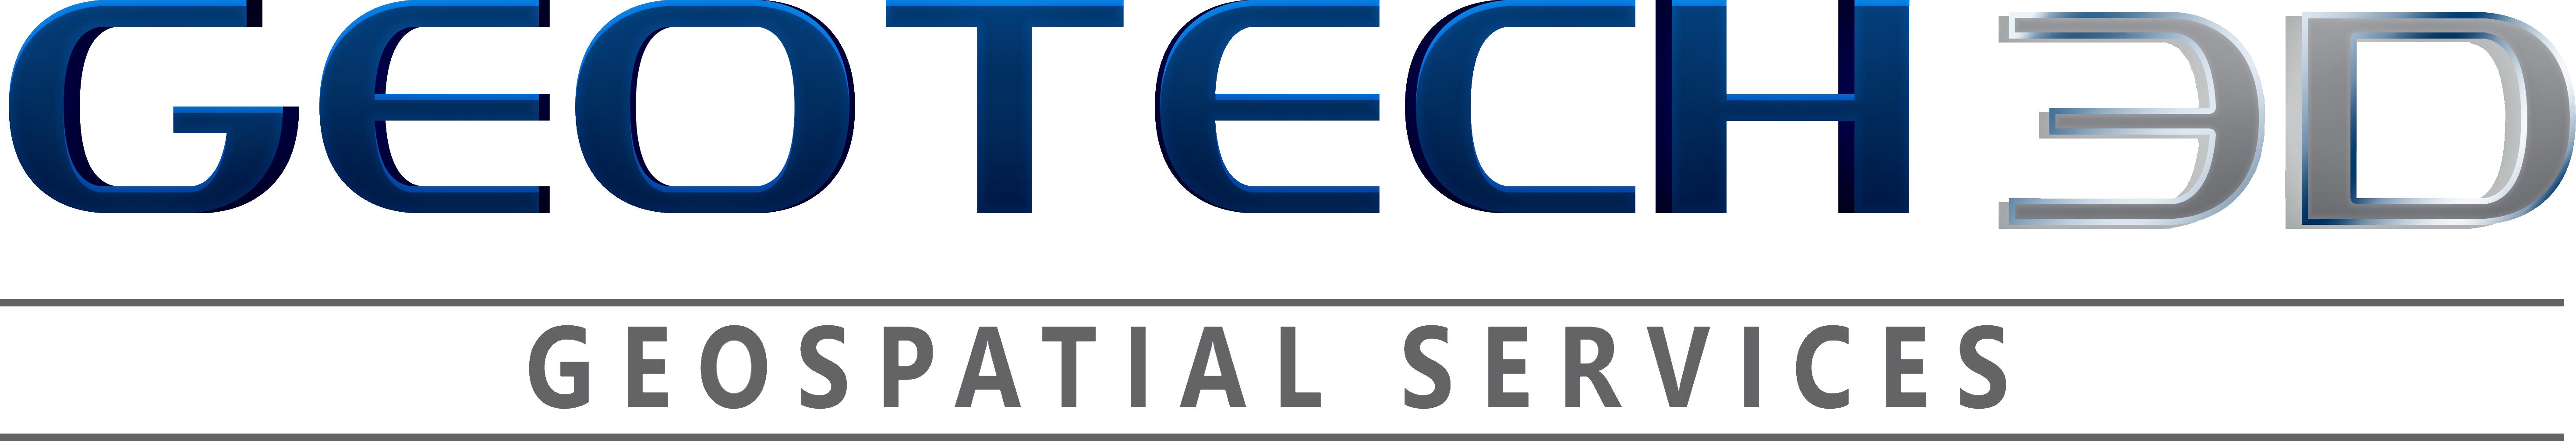 Geotech3d.com HD logo